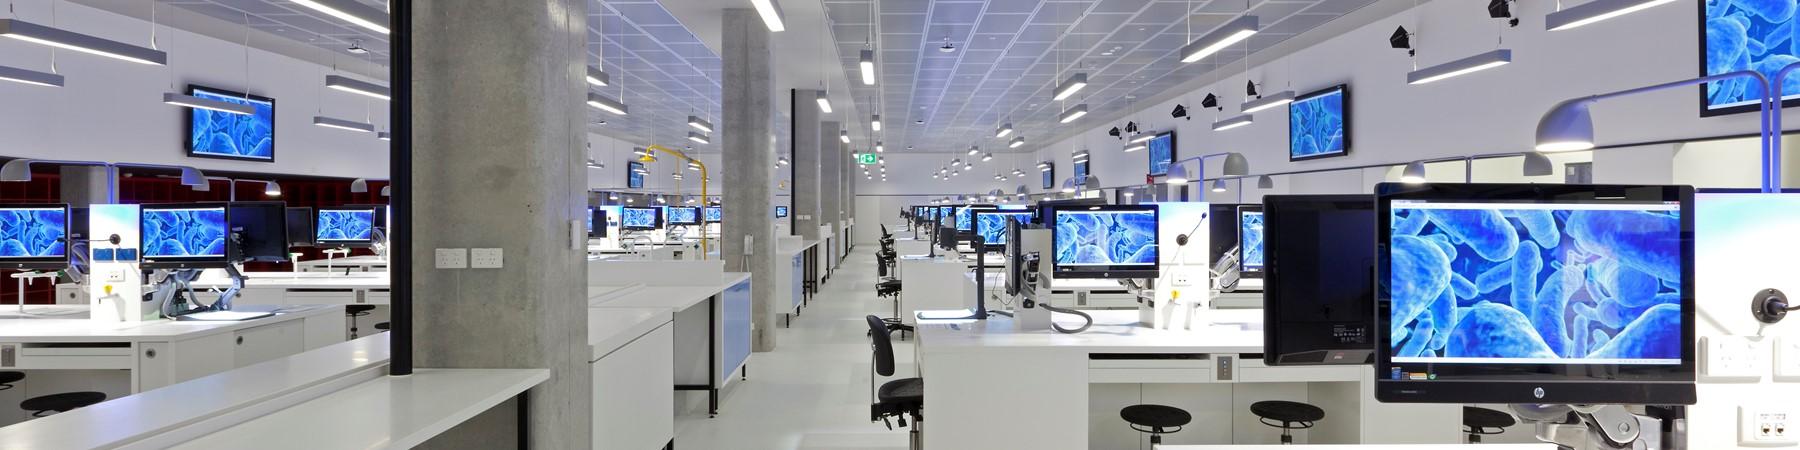 University Of Tech Sydney